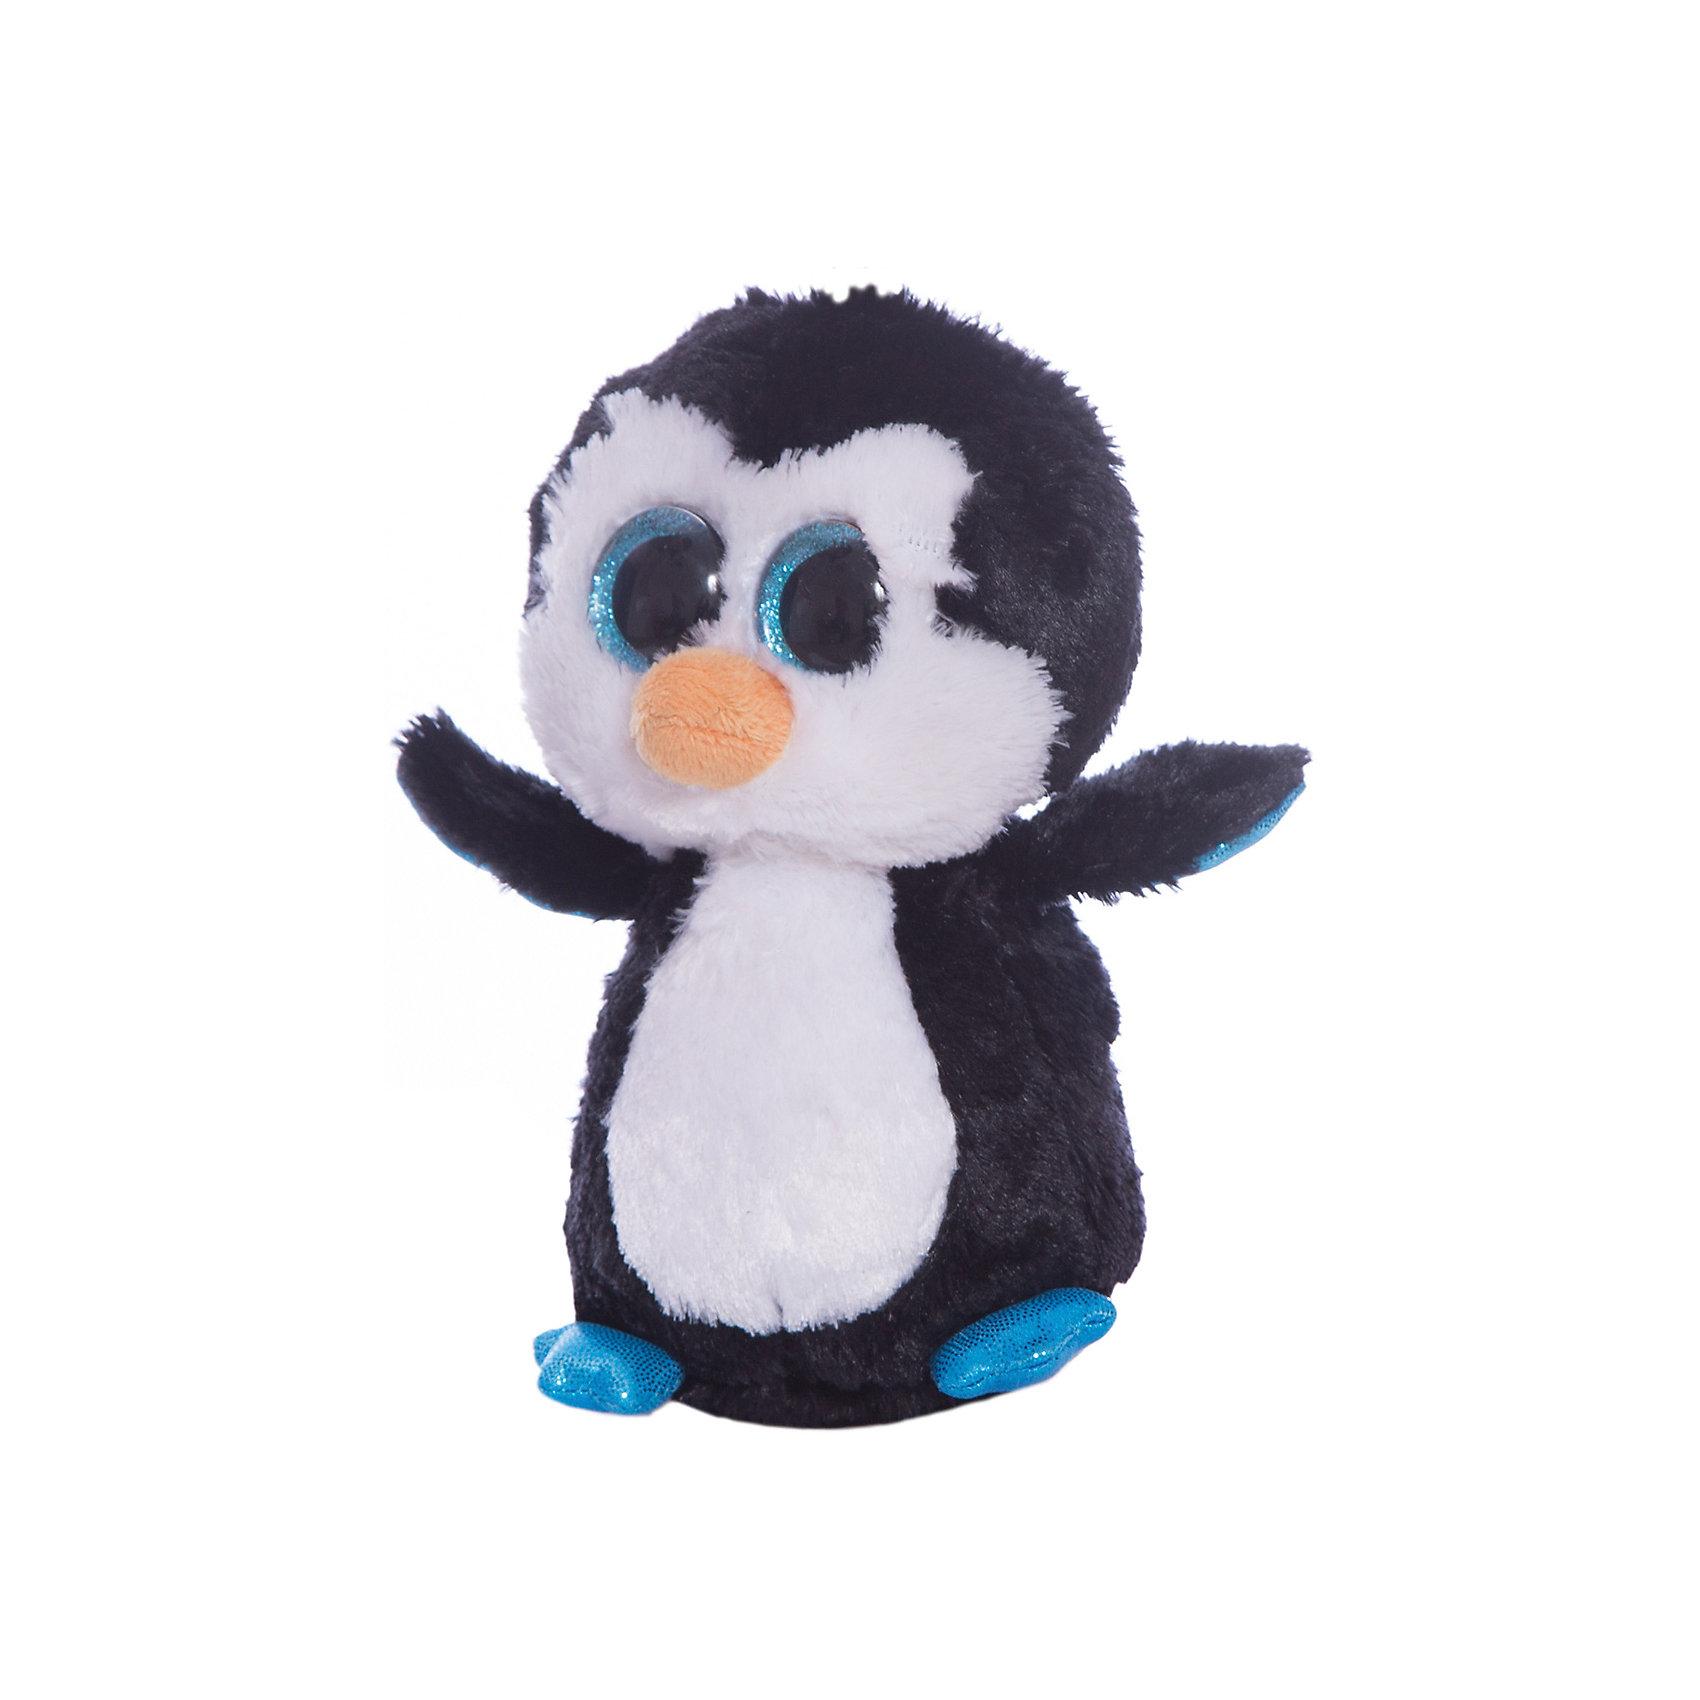 Пингвин Waddles, TyЗамечательный Пингвин Waddles от Ту станет самым лучшим другом Вашему малышу. Он станет любимой игрушкой, с которой можно весело играть днем и уютно засыпать ночью. Игрушечный пингвинчик составит приятную компанию малышу на прогулке. Он представляет новую коллекцию мягких игрушек Beanie Boos. Особенность игрушки в том, что она понравится как мальчикам, так и девочкам. Замечательный Пингвин Waddles с невероятно добрыми искренними глазками еще никого не оставлял равнодушным! У пингвинчика мягкая шерстка черного и белого цвета. Ребенок может разыгрывать любые сюжеты с забавным другом, благодаря чему у него будет развиваться фантазия, воображение, а также навыки сюжетно-ролевой игры. Заботясь о маленьком друге малыш научится бережному отношению к своим вещам, игрушкам и животным. Рассказав ребенку о пингвинах и их жизни в Арктике, Вы расширите представления малыша об окружающем мире!<br><br>Дополнительная информация:<br><br>- Игрушка развивает: тактильные навыки, зрительную координацию, мелкую моторику рук;<br>- Материалы не вызовут аллергии у Вашего малыша;<br>- Яркие и стойкие цвета приятны для глаз;<br>- Материал: ткань, пластик, искусственный мех;<br>- Наполнение: синтепон;<br>- Высота игрушки: 15,24 см<br><br>Пингвина Waddles, Ty, можно купить в нашем интернет-магазине.<br><br>Ширина мм: 157<br>Глубина мм: 101<br>Высота мм: 76<br>Вес г: 86<br>Возраст от месяцев: 12<br>Возраст до месяцев: 60<br>Пол: Унисекс<br>Возраст: Детский<br>SKU: 2446697